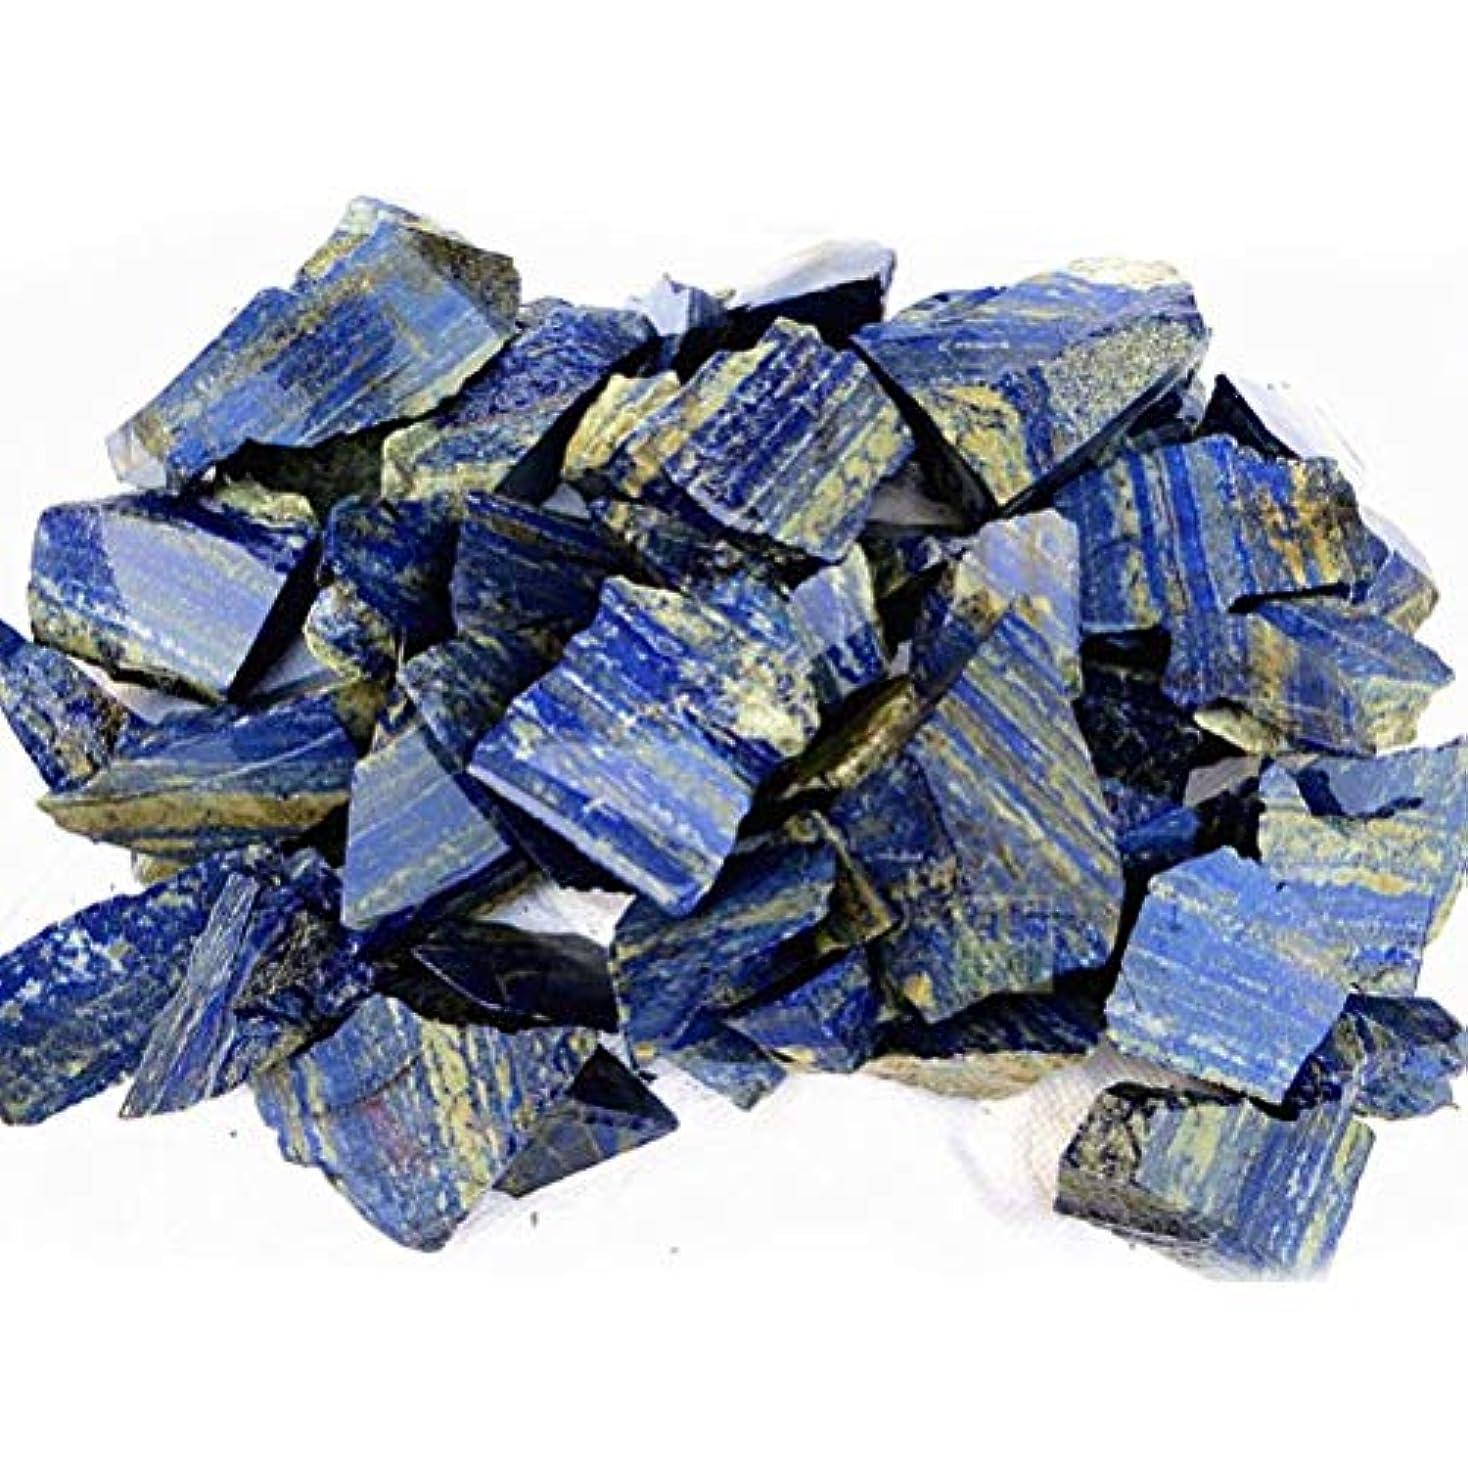 Vosarea 100グラムナチュラルラピスラズリタンブルストーンヒーリングレイキクリスタルジュエリー作りホームデコレーションdiy材料宝石石